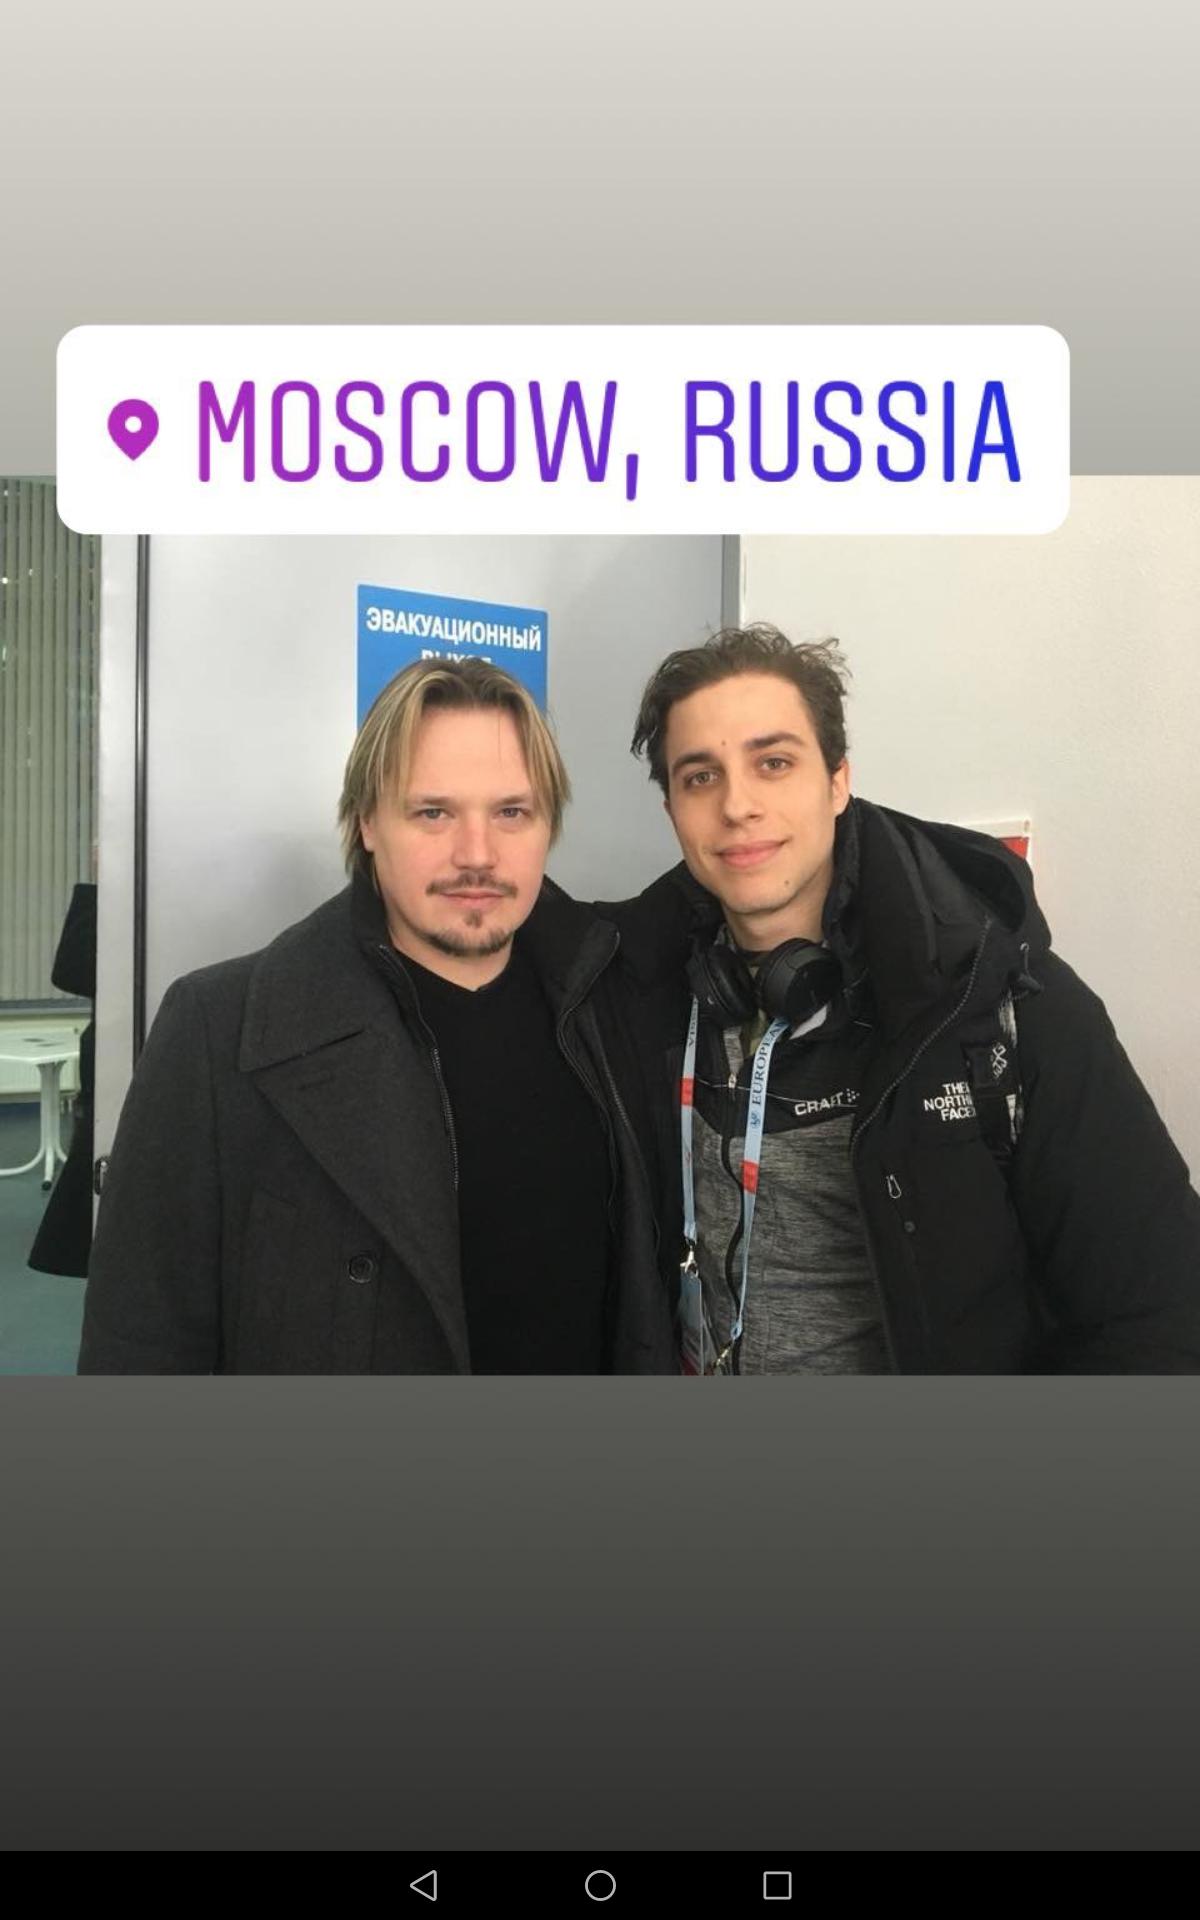 http://s5.uplds.ru/QUBXR.png